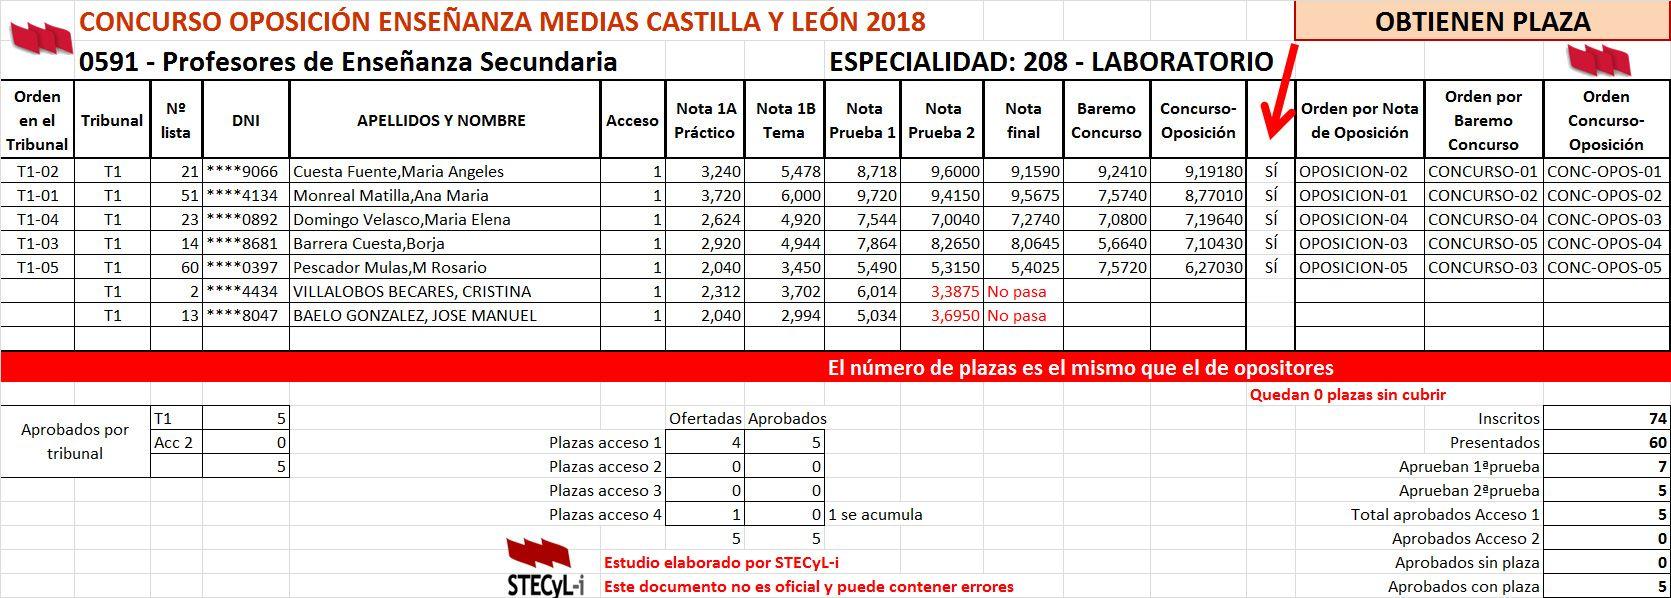 0591_208_Laboratorio_Aprobados